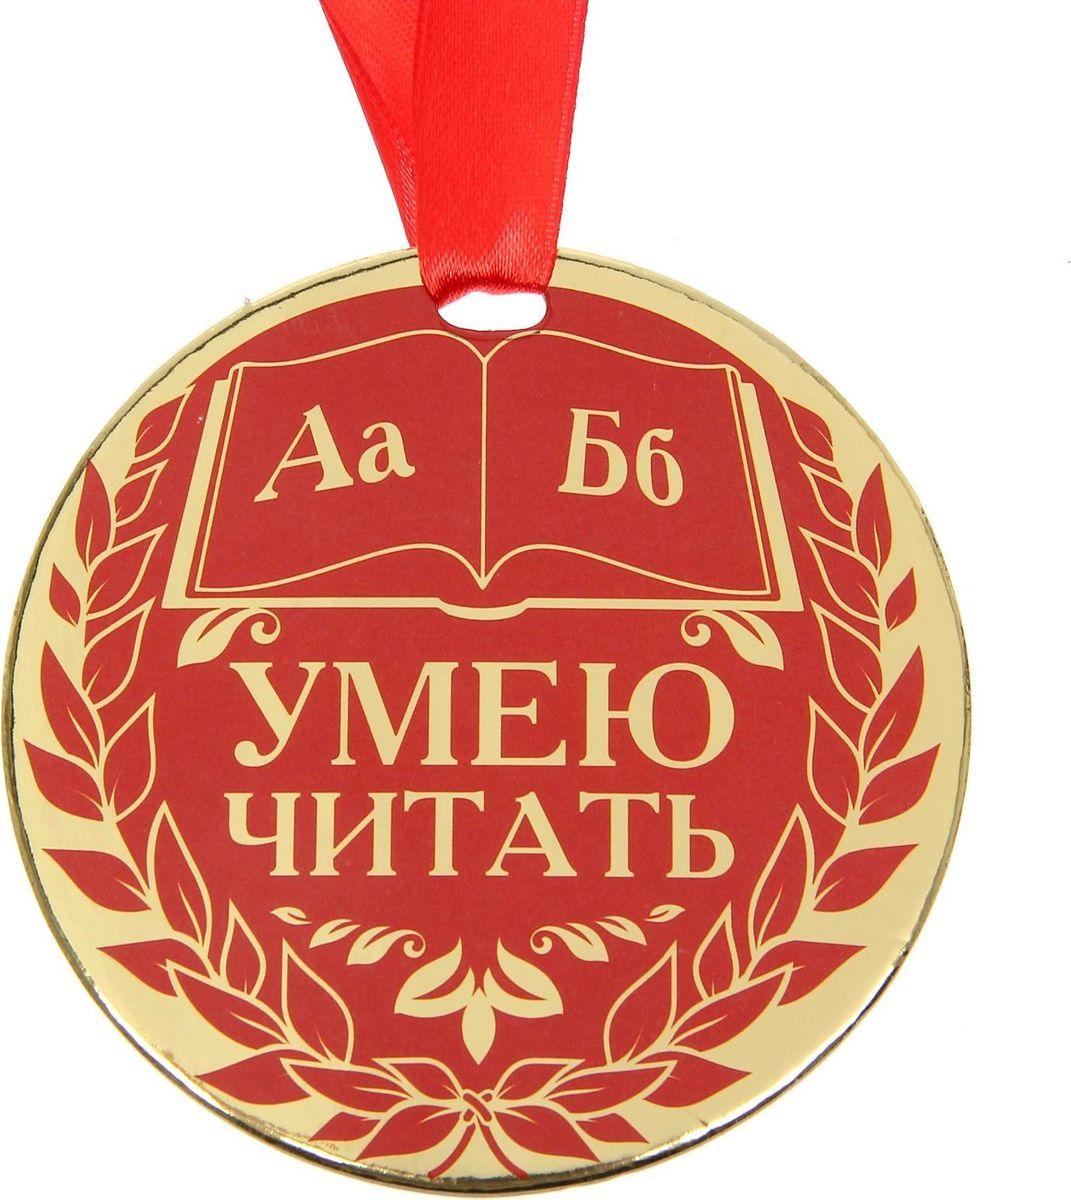 Медаль сувенирная Умею читать, диаметр 9 см1500754Медаль — один из самых популярных видов наград! Обрадуйте близких признанием их заслуг. Получателя приятно удивит яркий дизайн изделия: изображение золотого цвета, поздравительное стихотворение на обороте и лента, которая входит в набор.